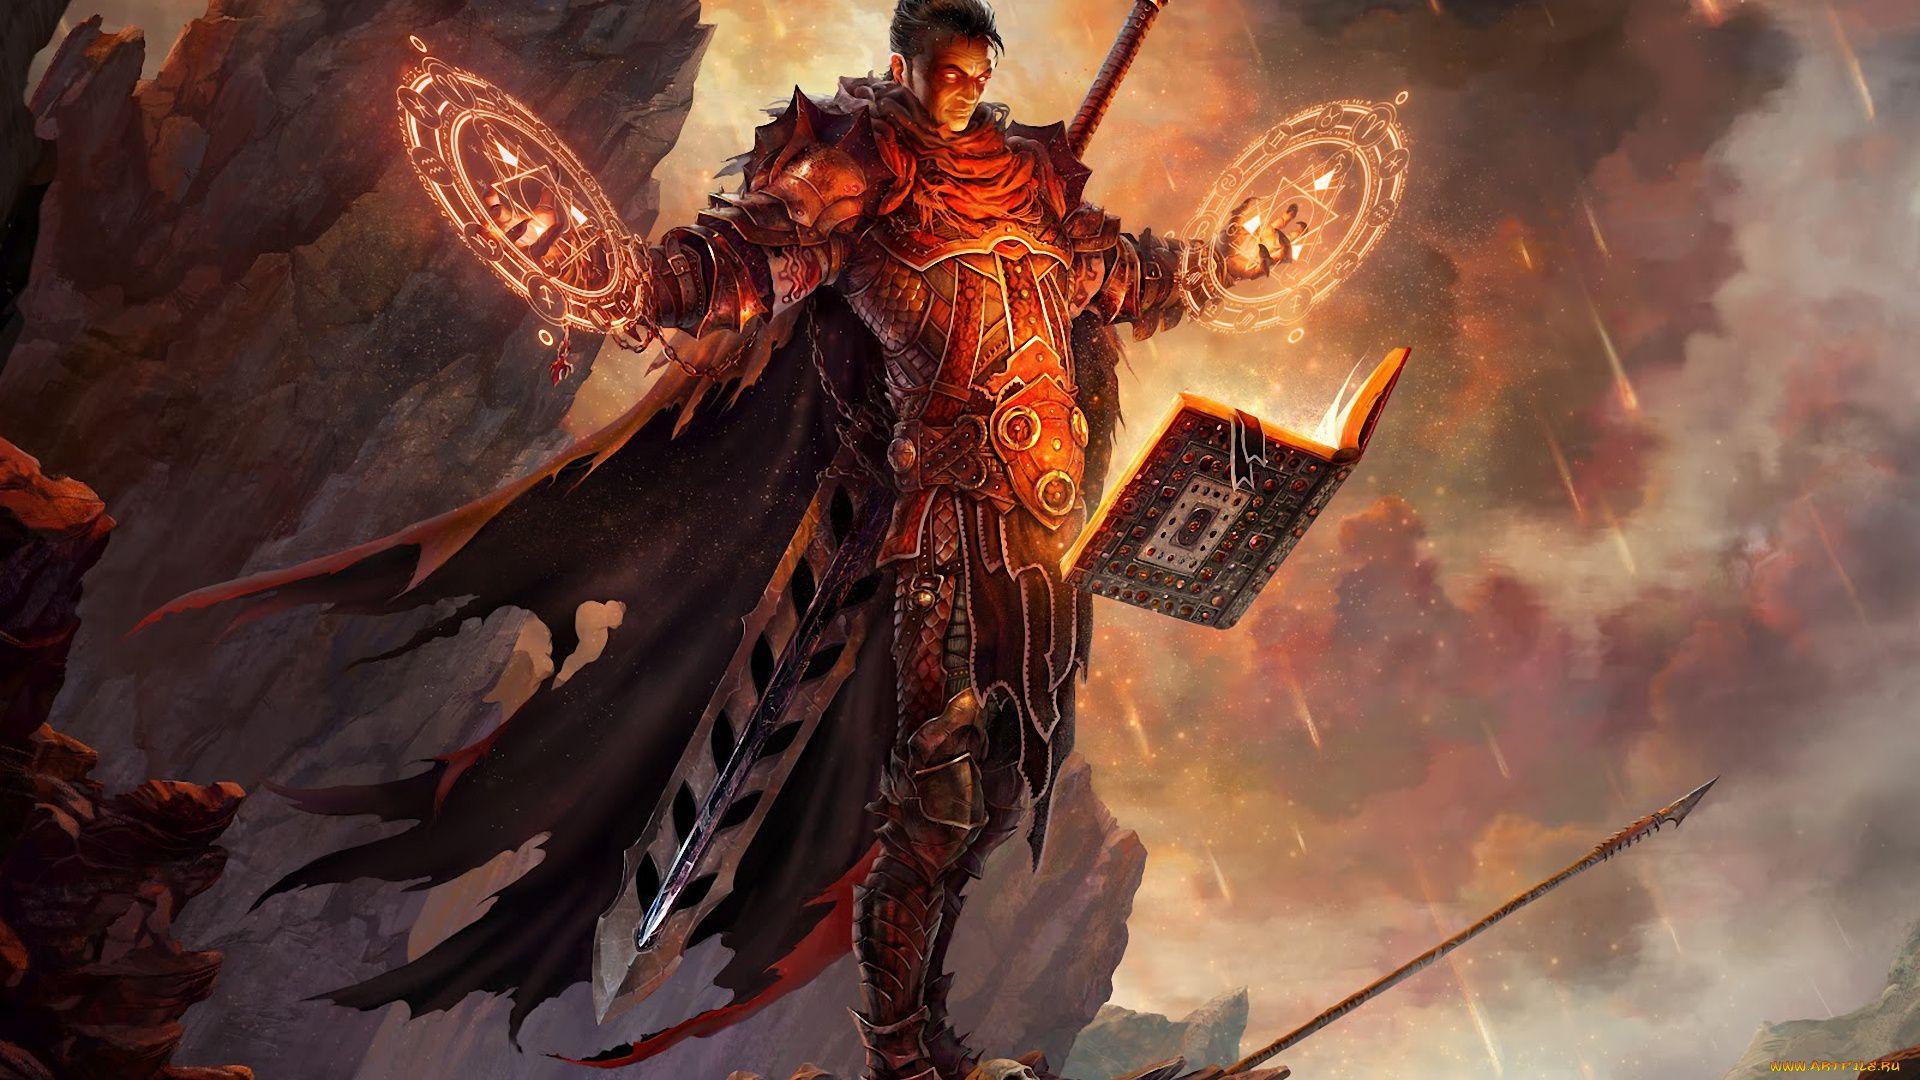 Wizard good wallpaper hd